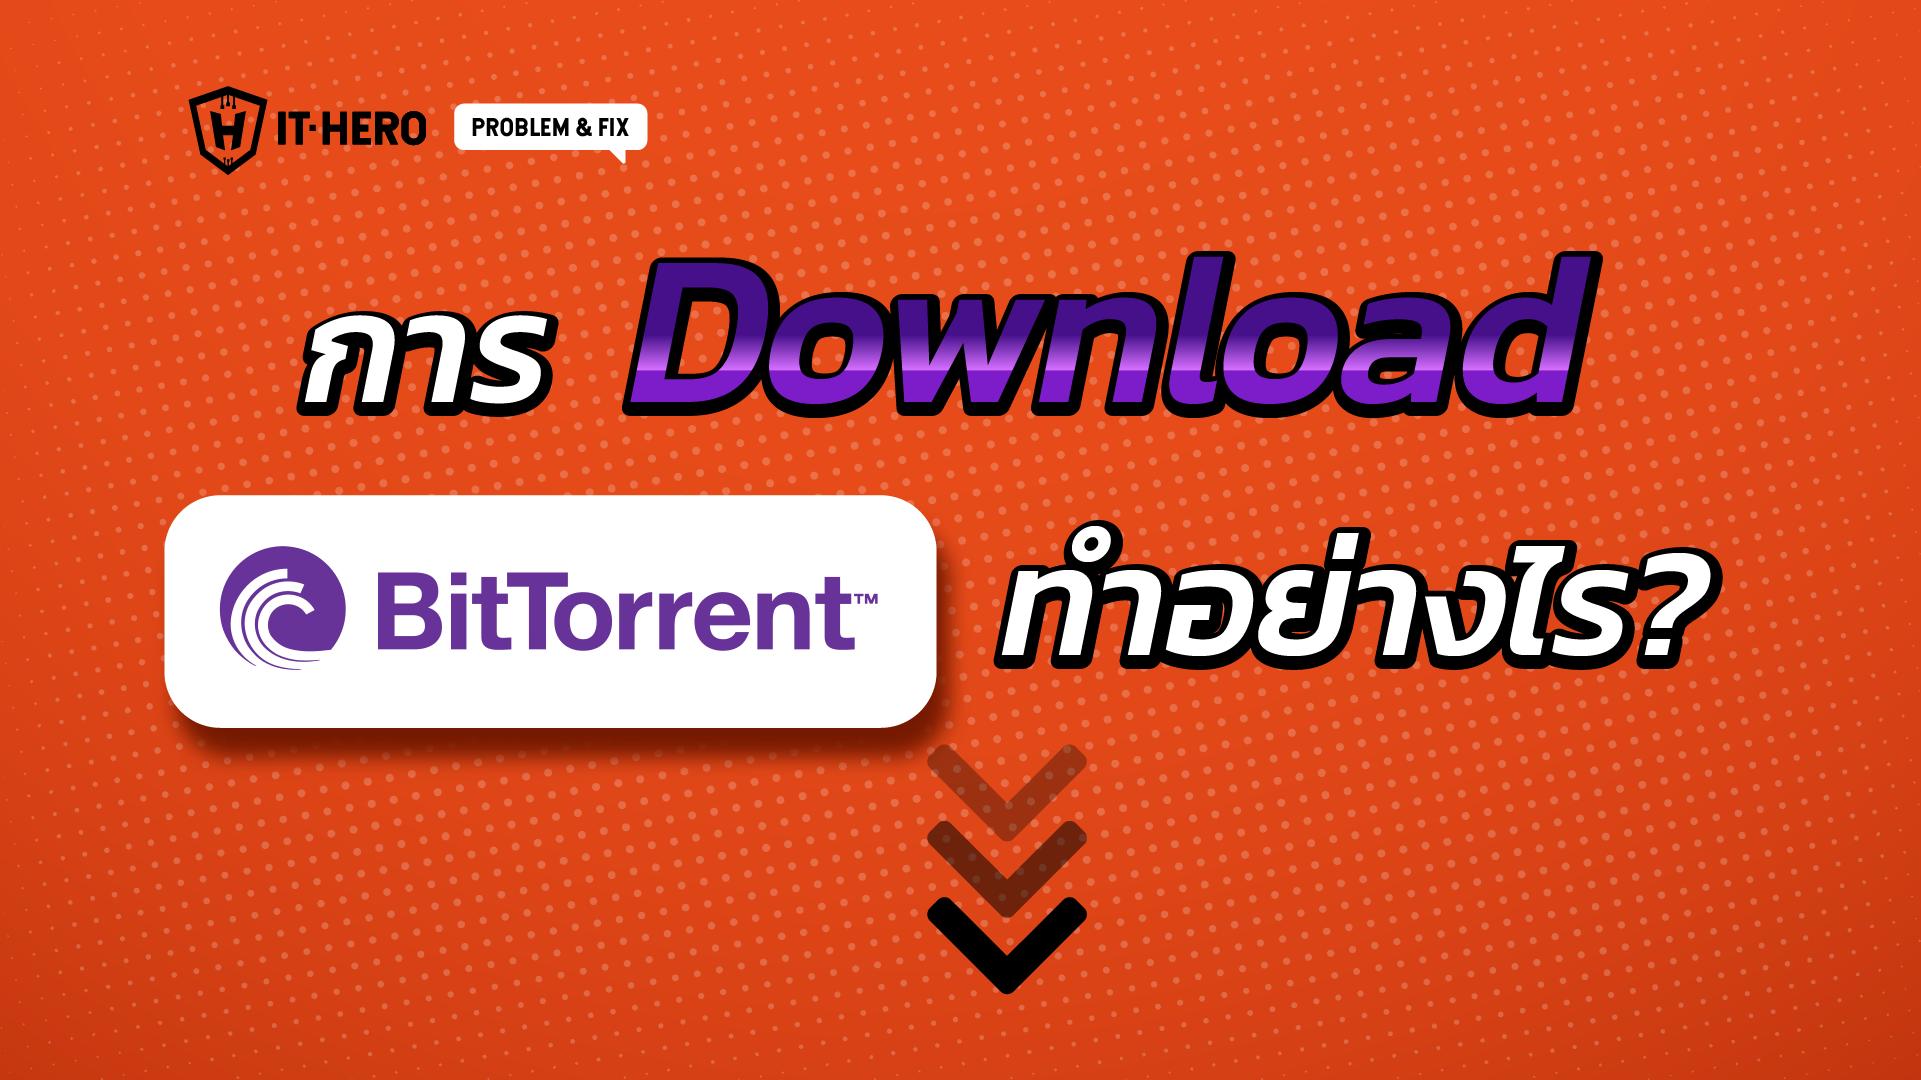 การดาวน์โหลดไฟล์ Bit Torrent ทำอย่างไร